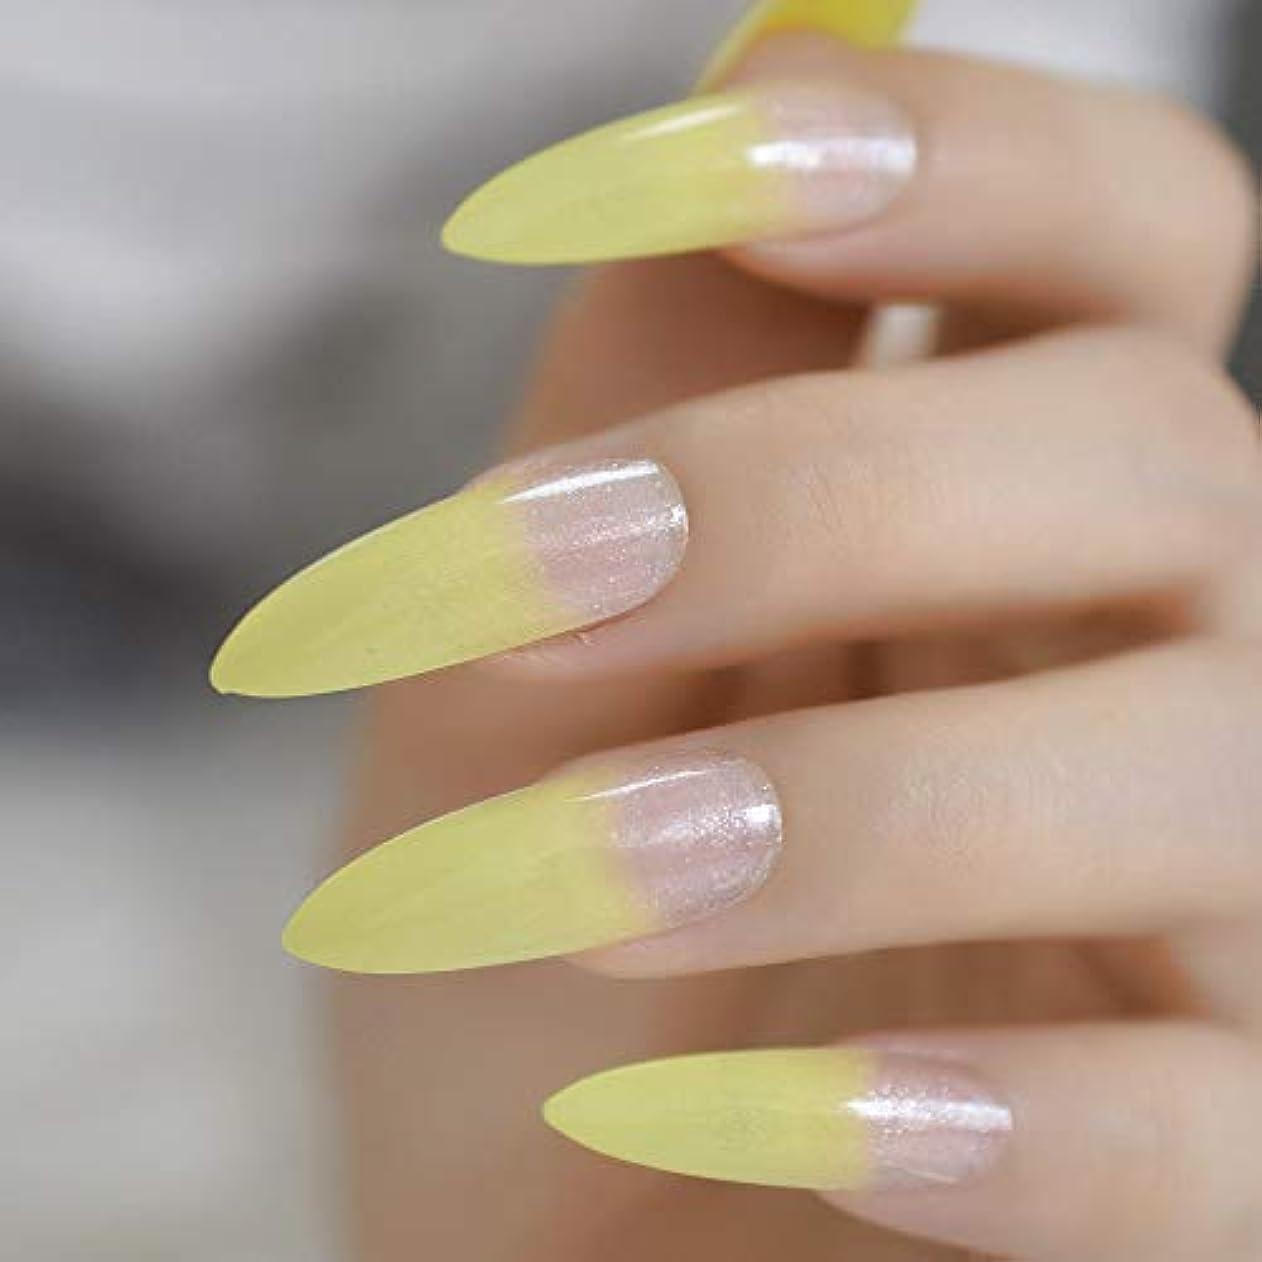 項目コンチネンタル放出XUTXZKA 偽の指の爪のエクステンションデコに余分な長い爪の明るい黄色のグラデーションプレス